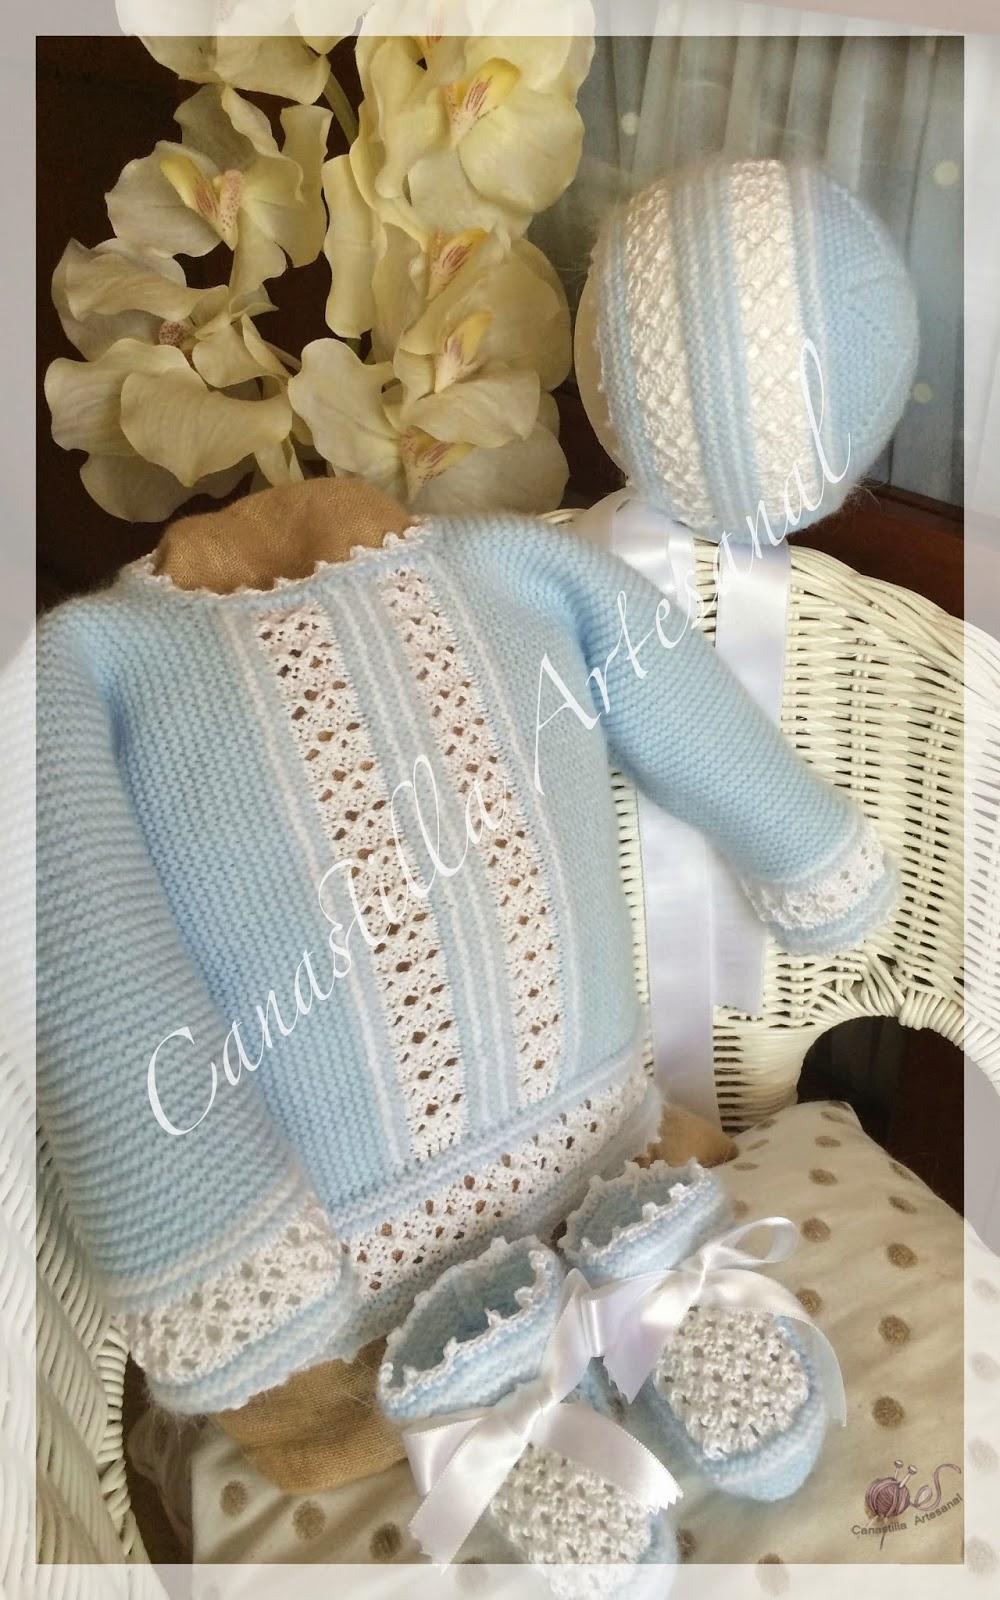 Canastilla bebe ropa de canastilla de bebe artesanal - Canastilla artesanal bebe ...